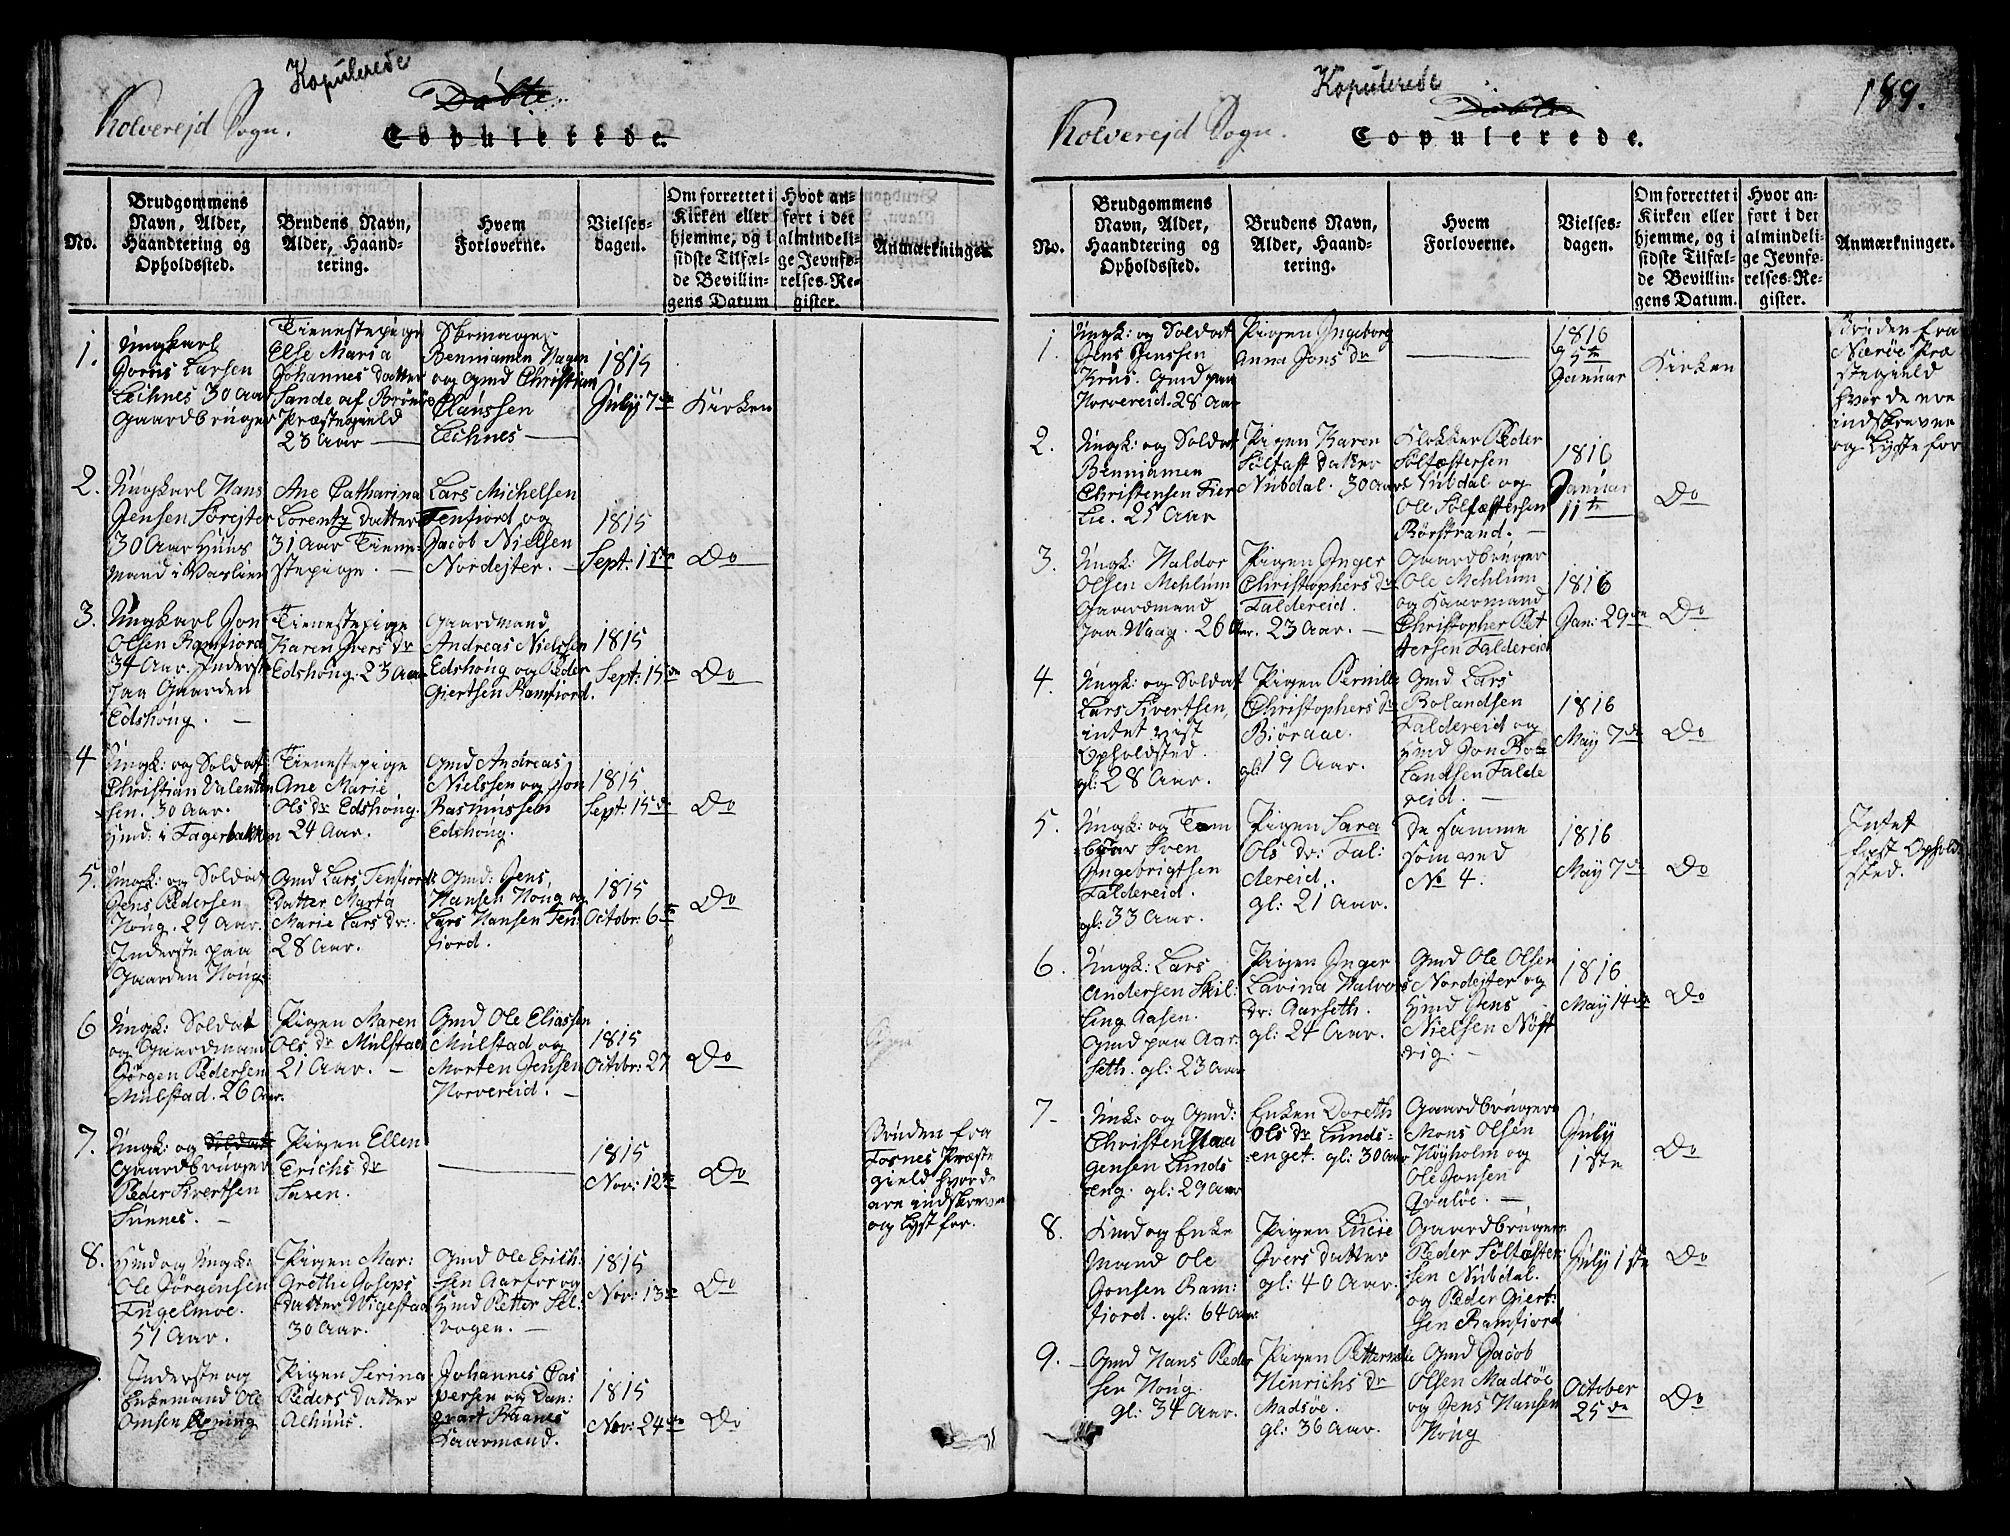 SAT, Ministerialprotokoller, klokkerbøker og fødselsregistre - Nord-Trøndelag, 780/L0648: Klokkerbok nr. 780C01 /1, 1815-1870, s. 189